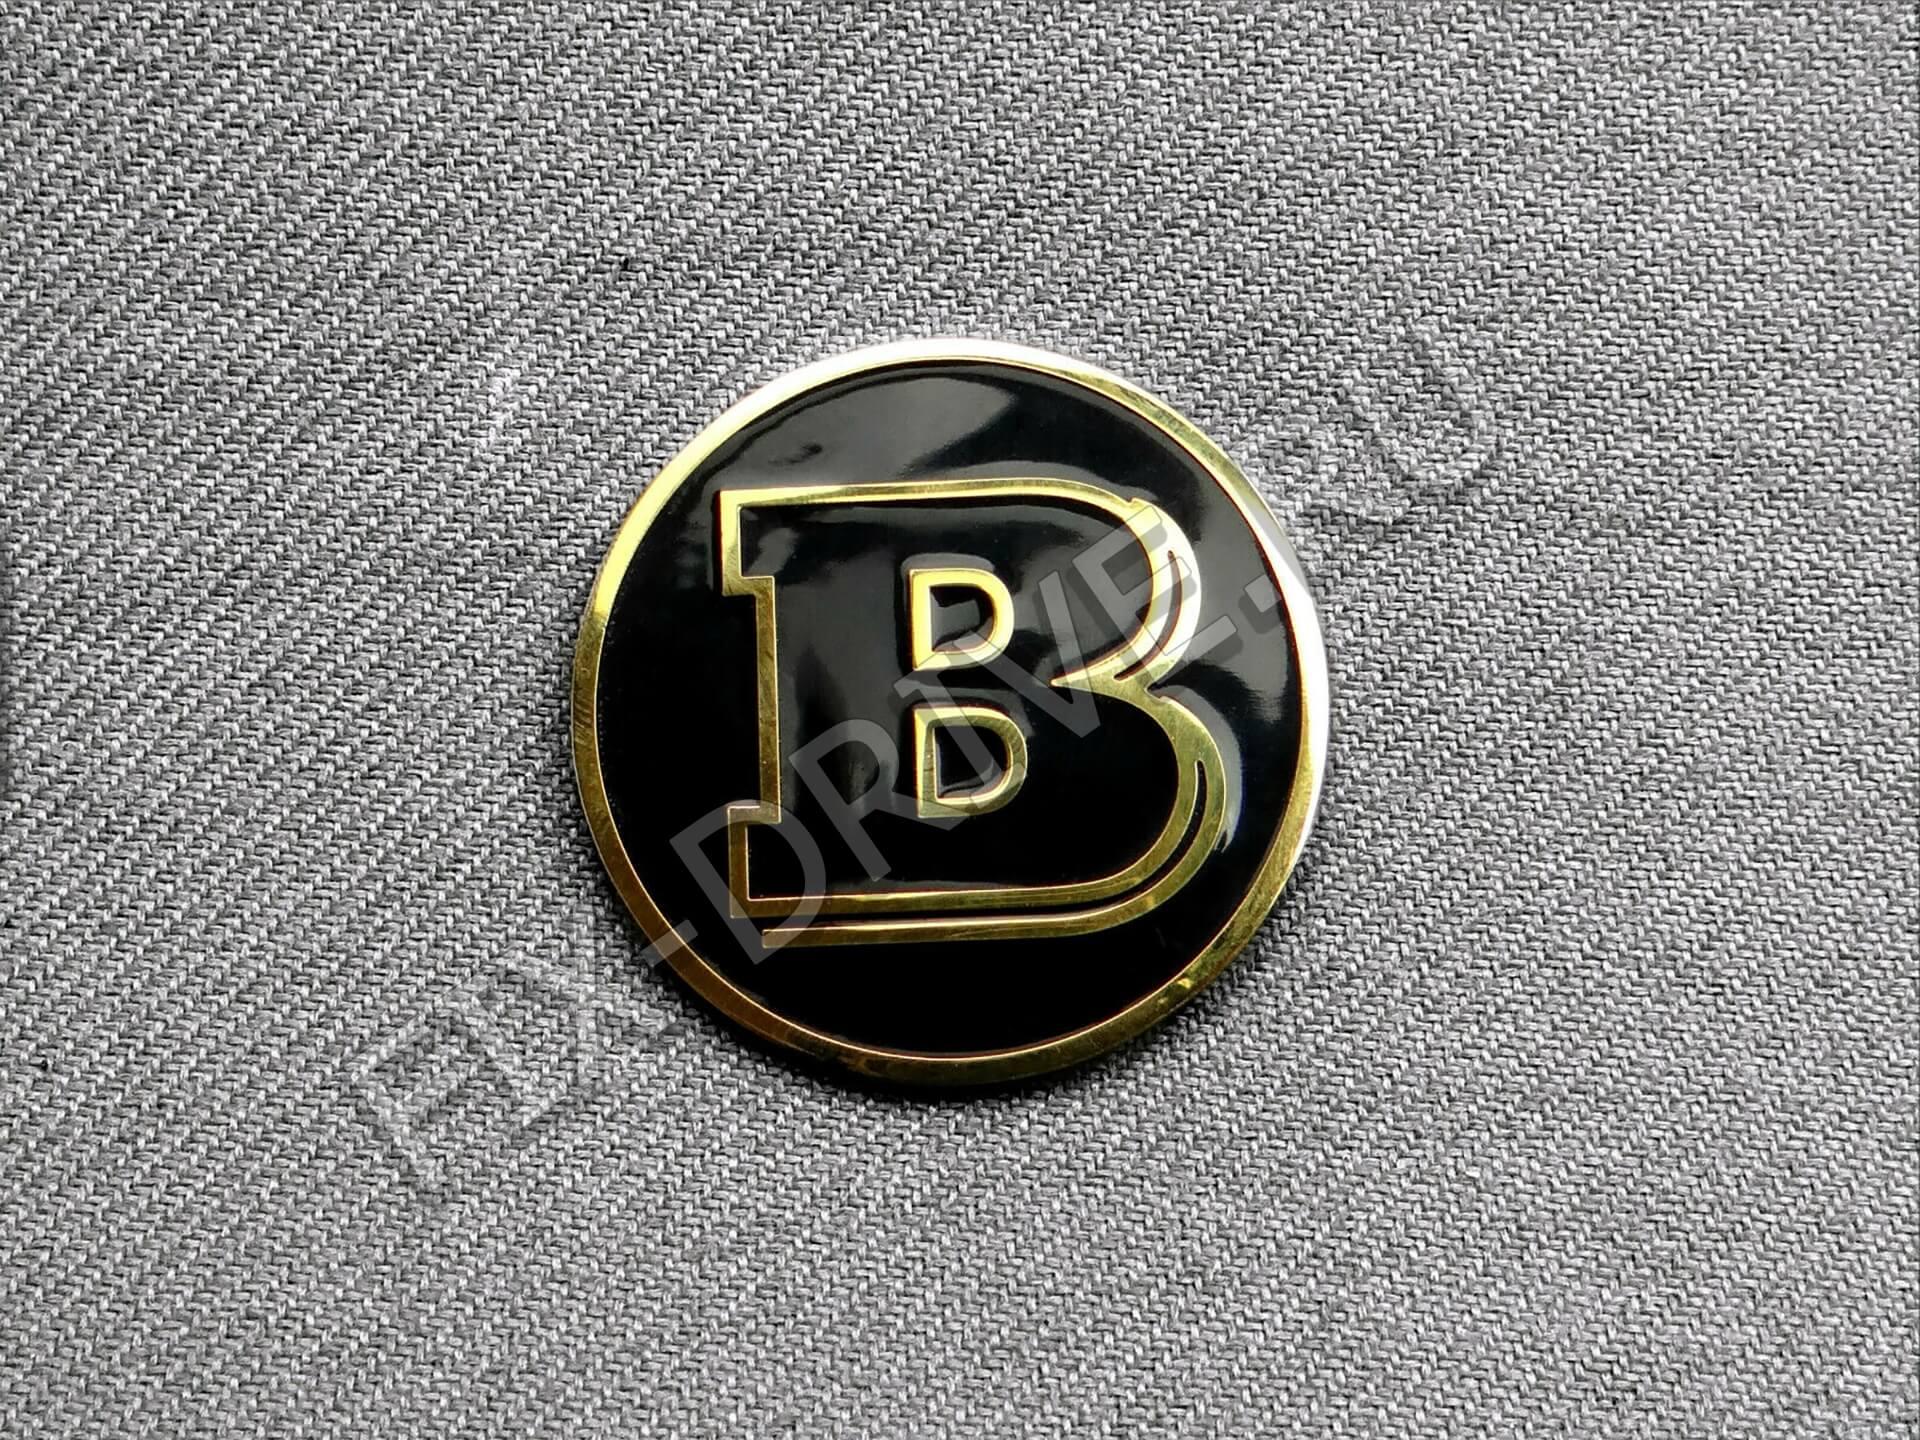 Эмблема Brabus золото w 464 Mercedes G-Class